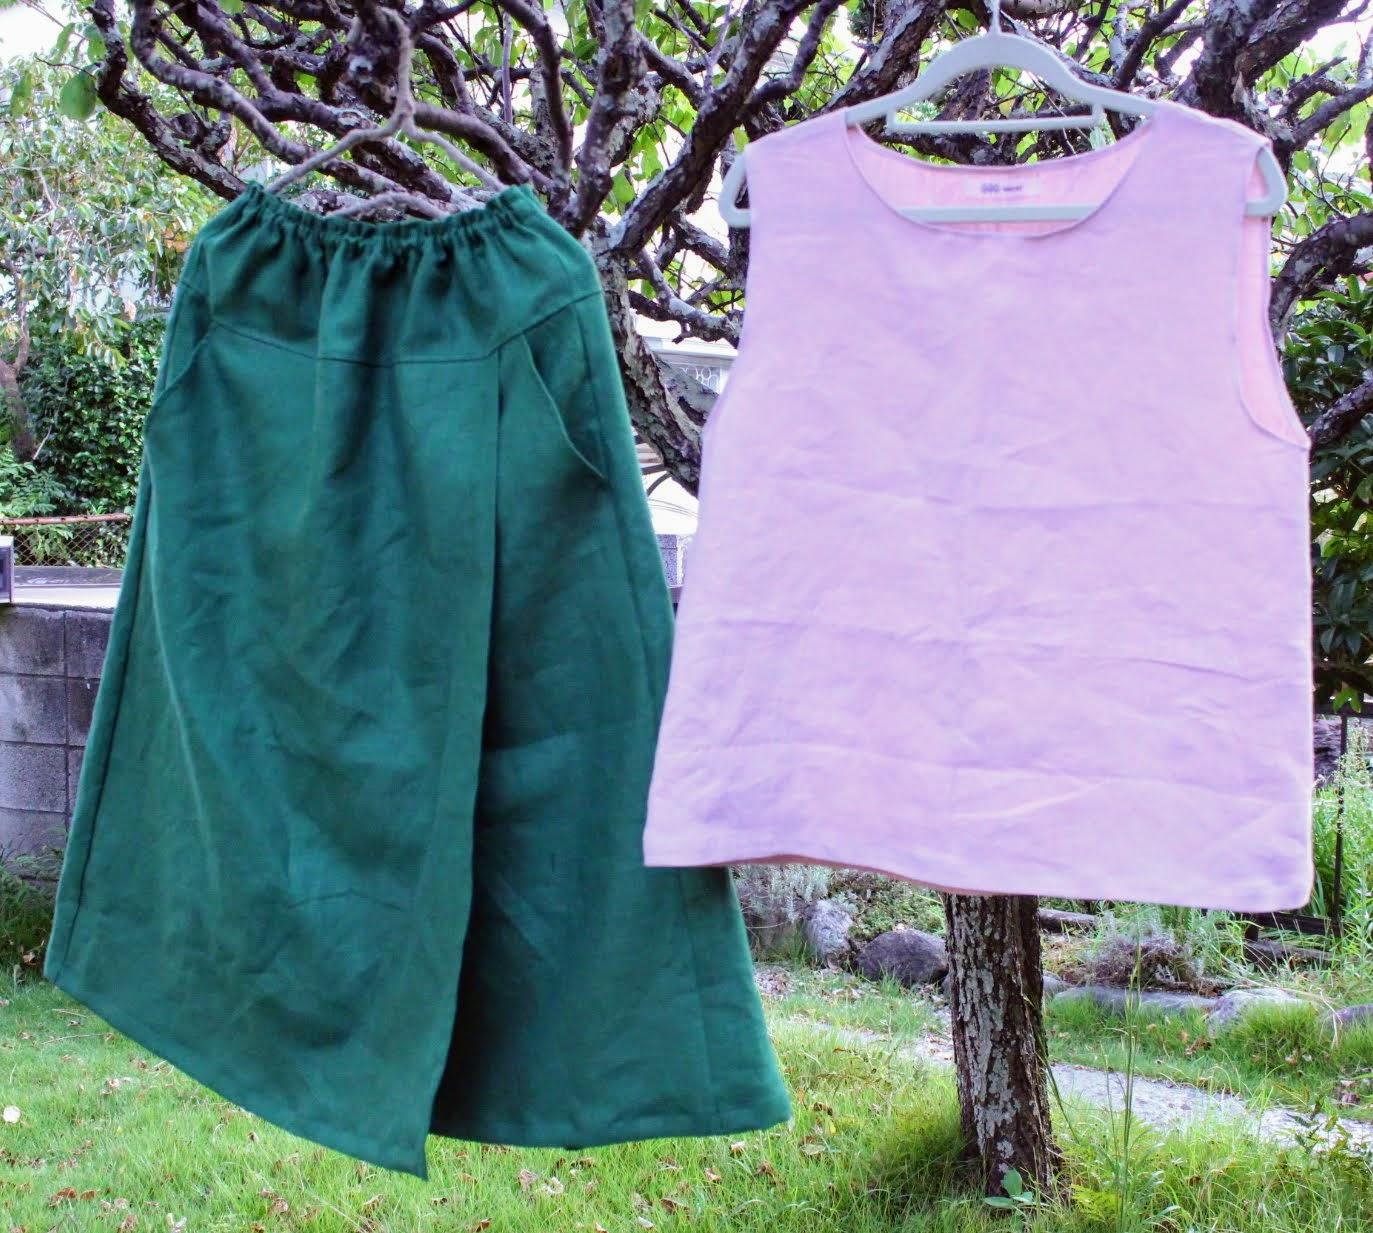 リネンラップスカートやタンクトップは体のラインを隠せてすっきり見えるデザインです。